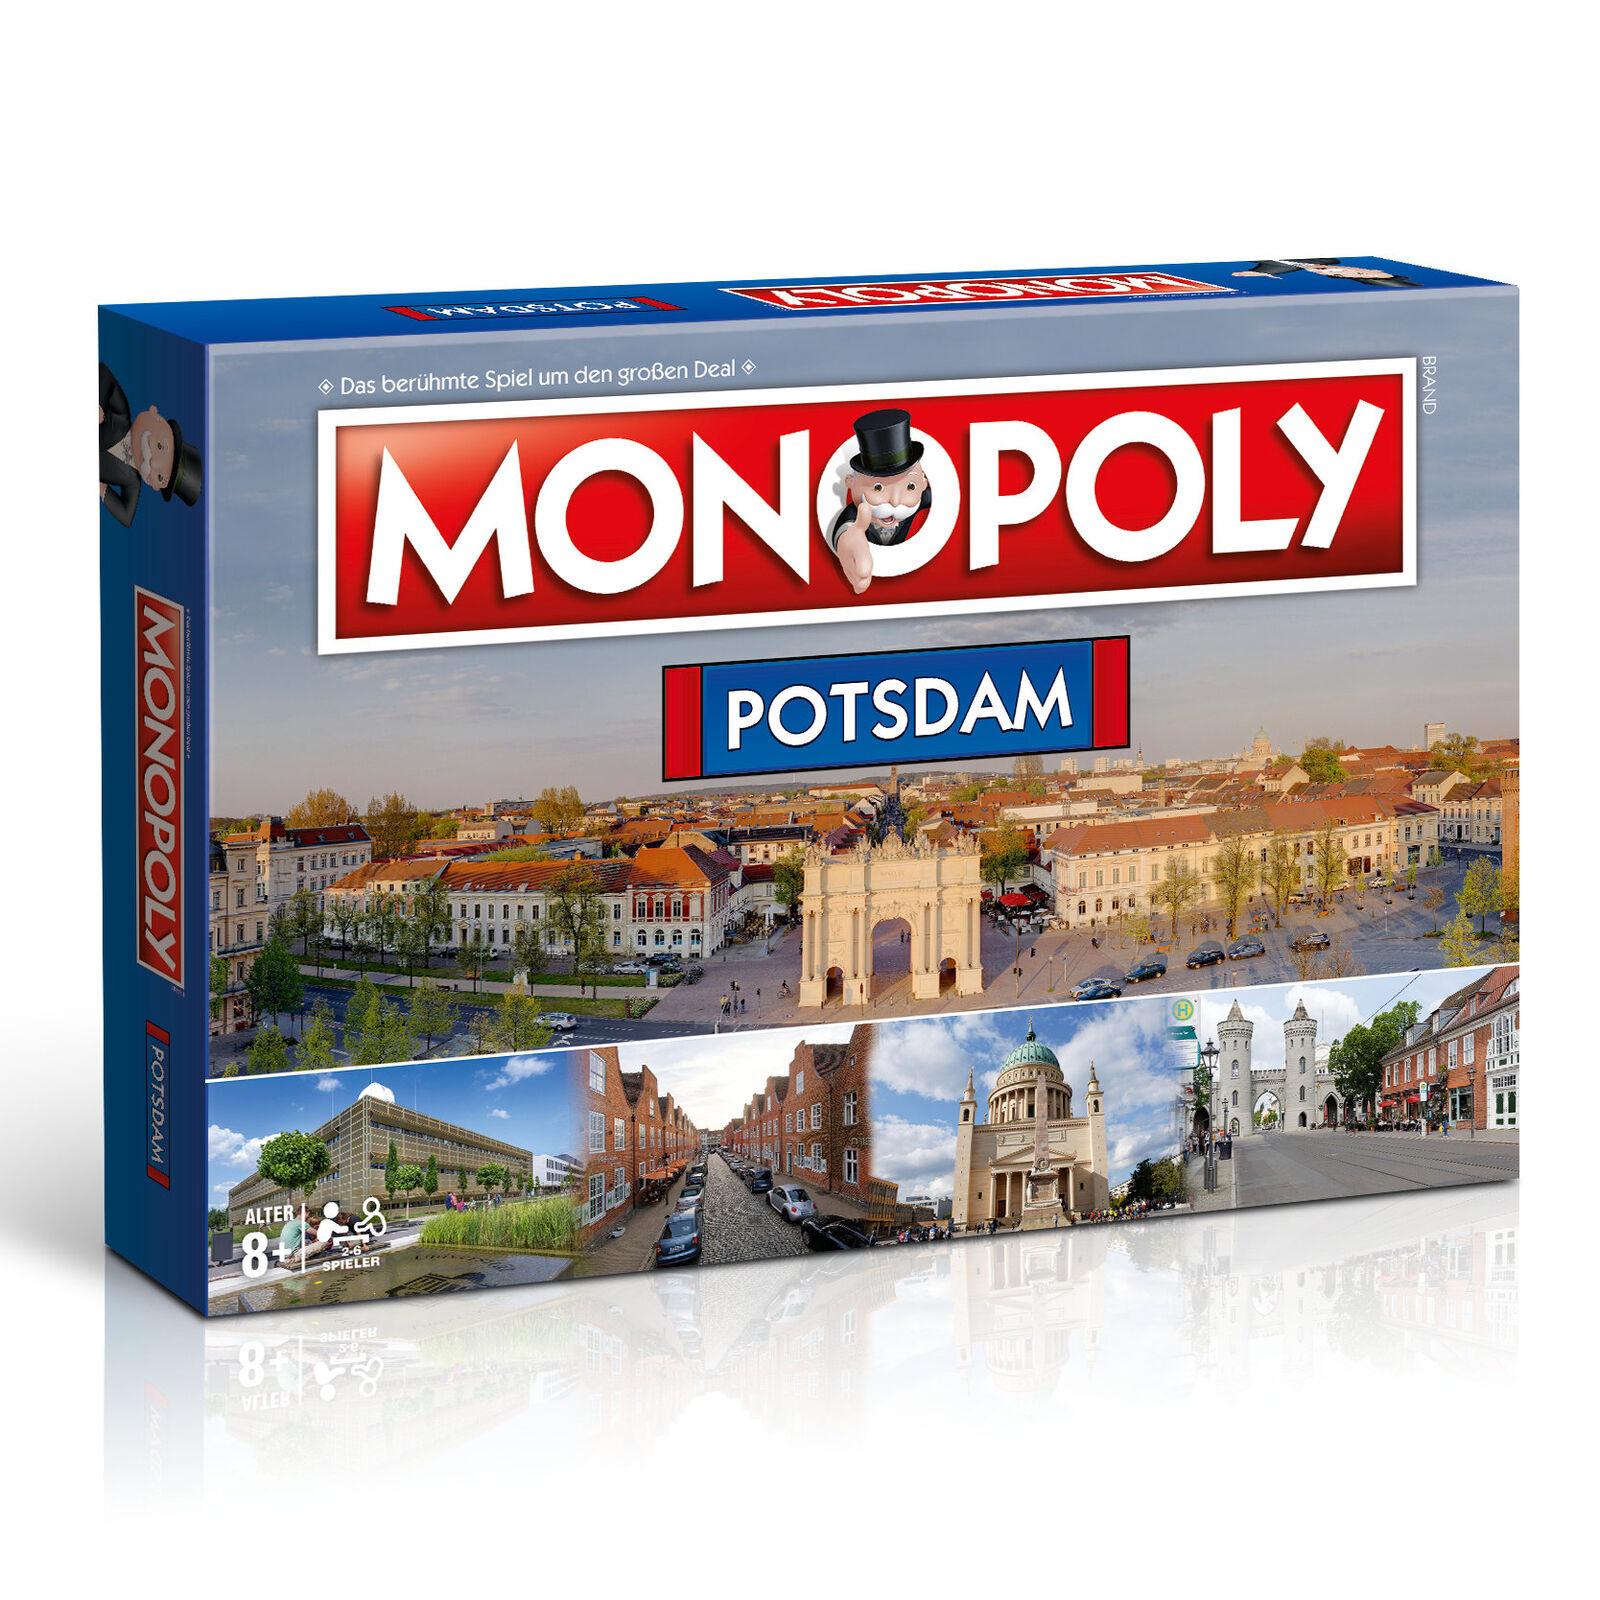 Monopoly Potsdam City Stadt Edition Spiel Gesellschaftsspiel Brettspiel